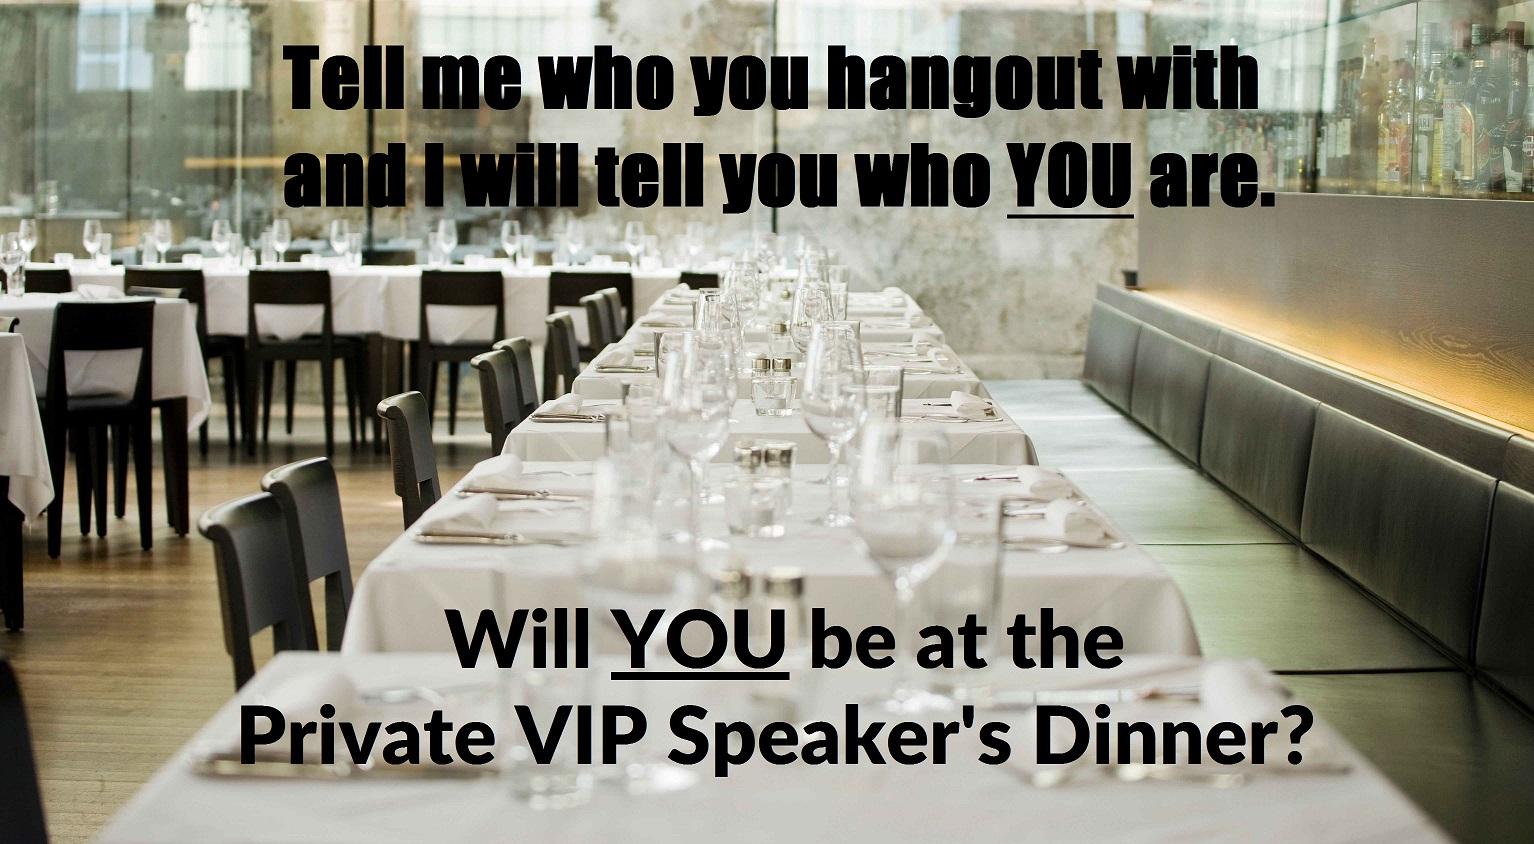 Private VIP Speaker's Dinner